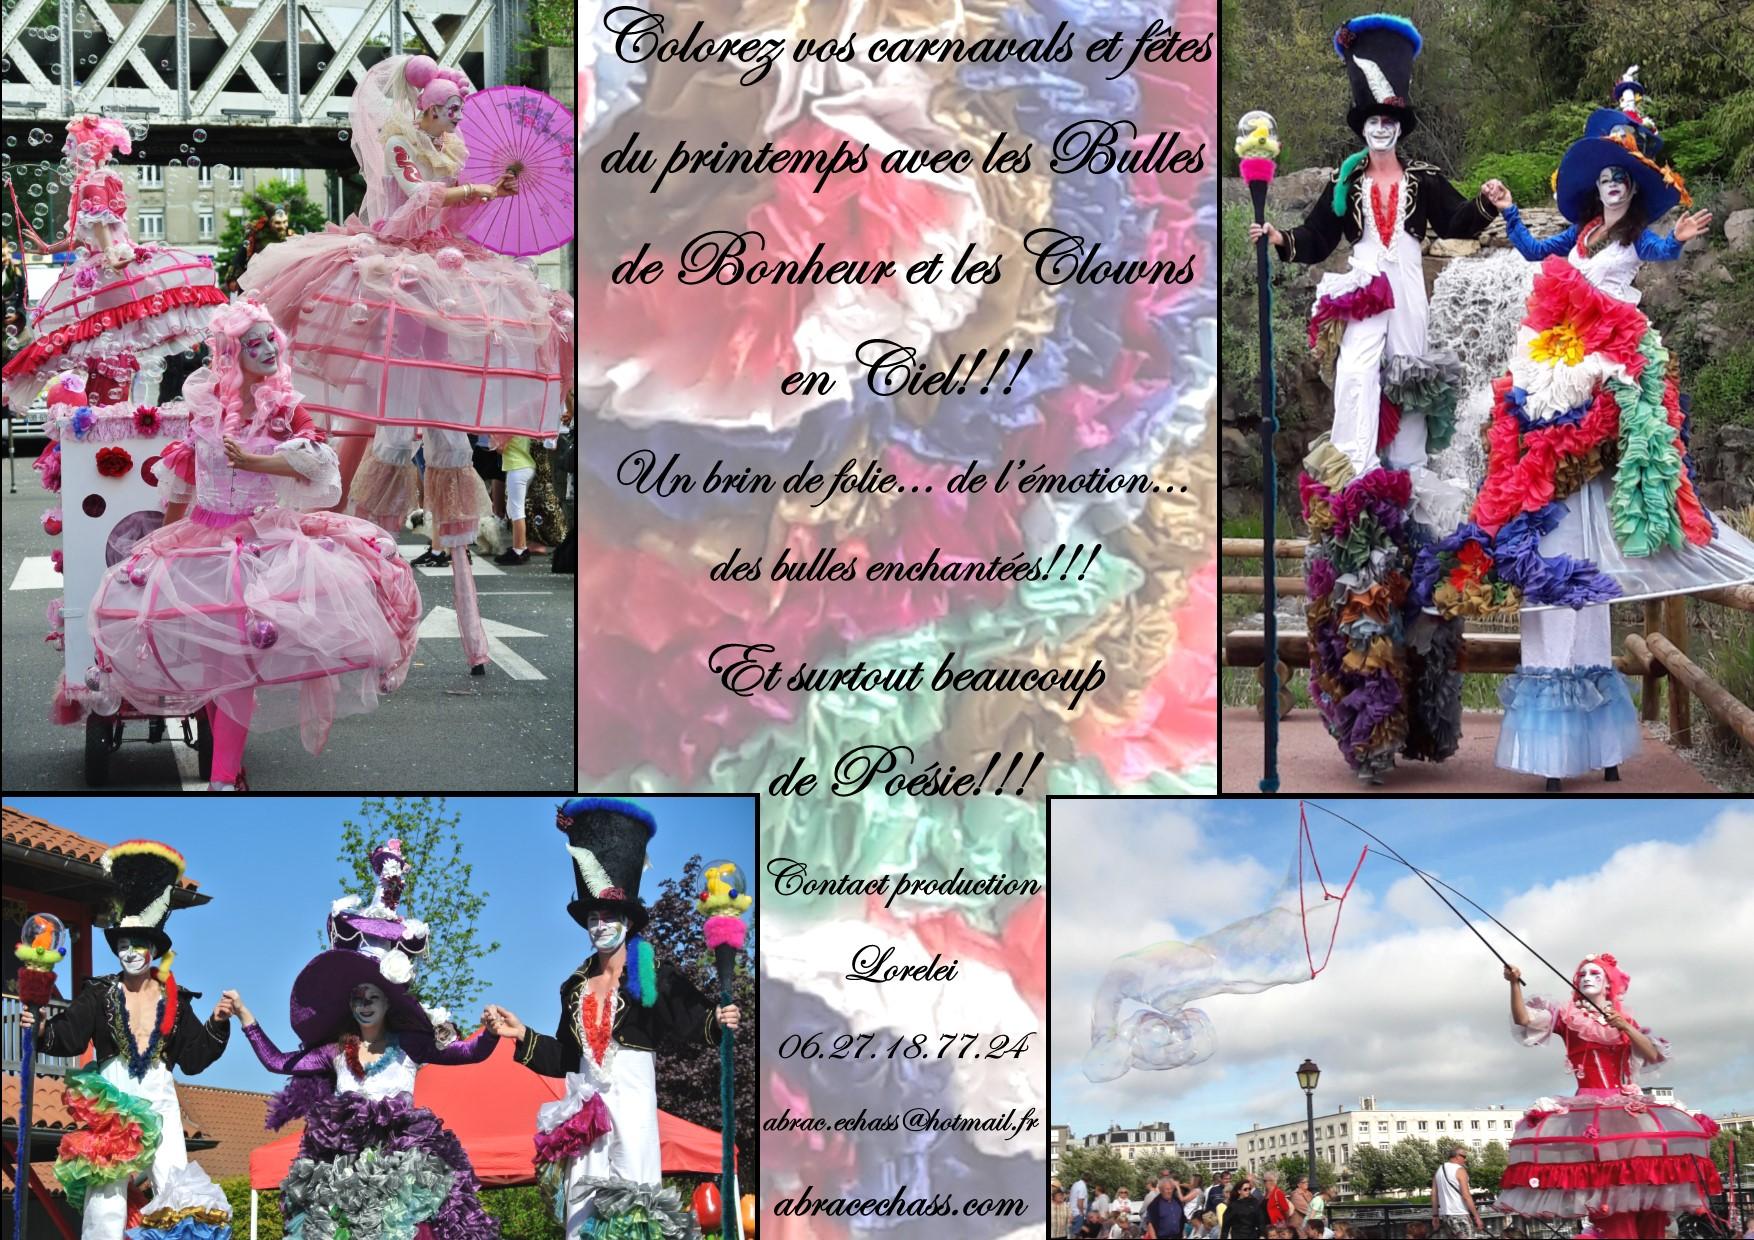 Carnavals et fêtes duprintemps